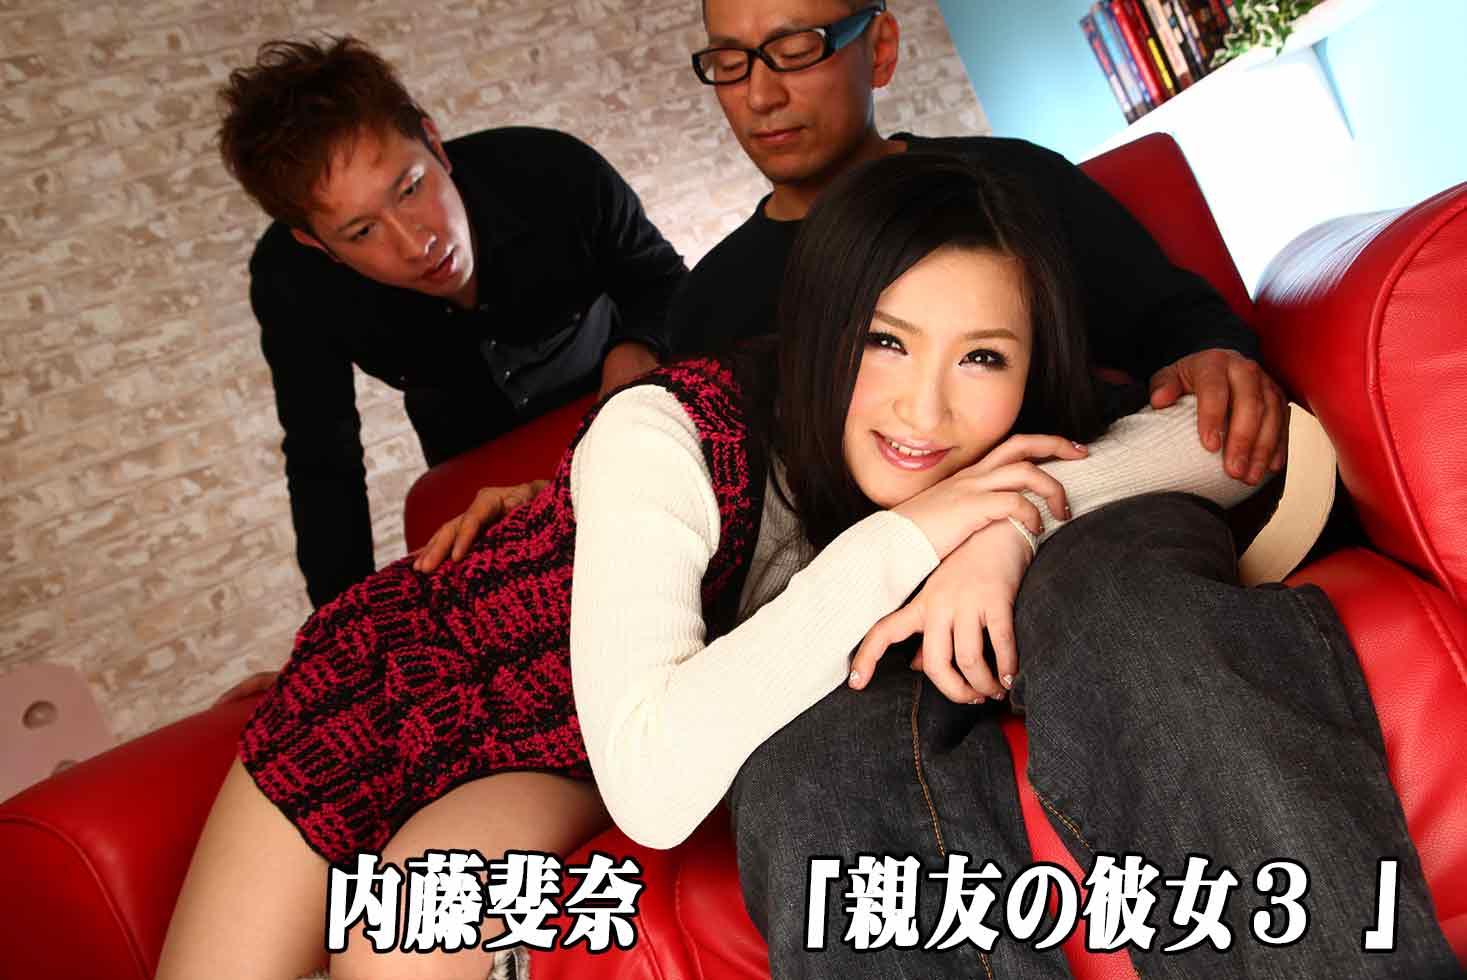 親友の彼女3【Pikkur ピッカー】内藤斐奈